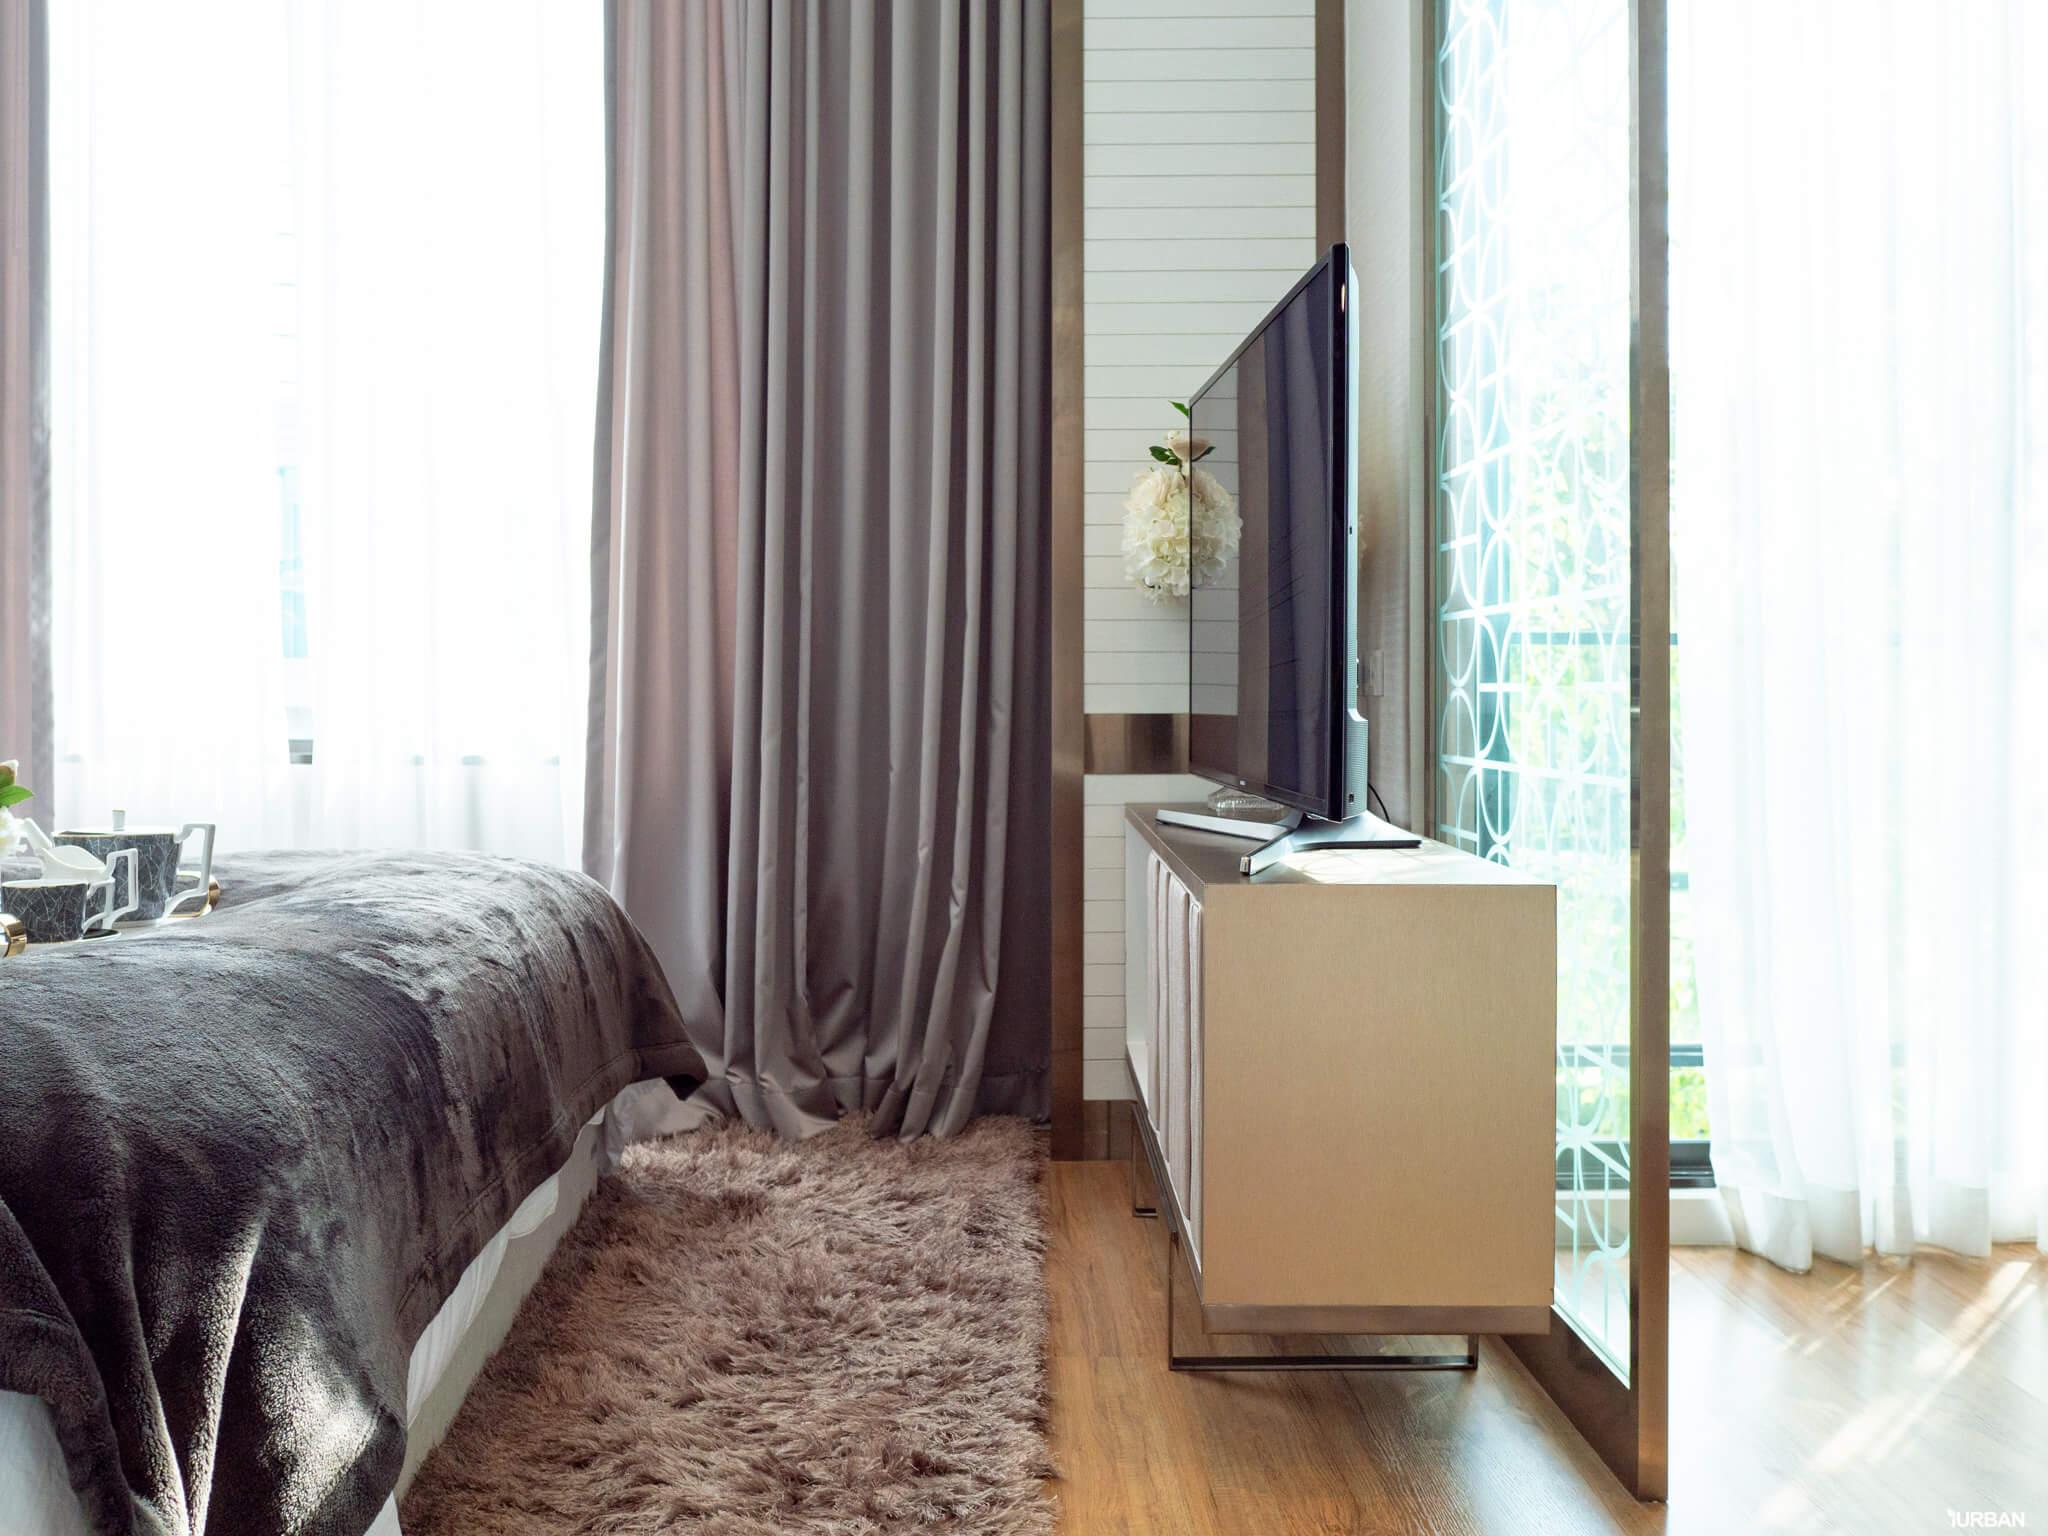 รีวิวทาวน์โฮม Pleno ปิ่นเกล้า - จรัญฯ การออกแบบที่ดีมากทั้งในบ้านและส่วนกลางที่ให้เกินราคา 62 - AP (Thailand) - เอพี (ไทยแลนด์)